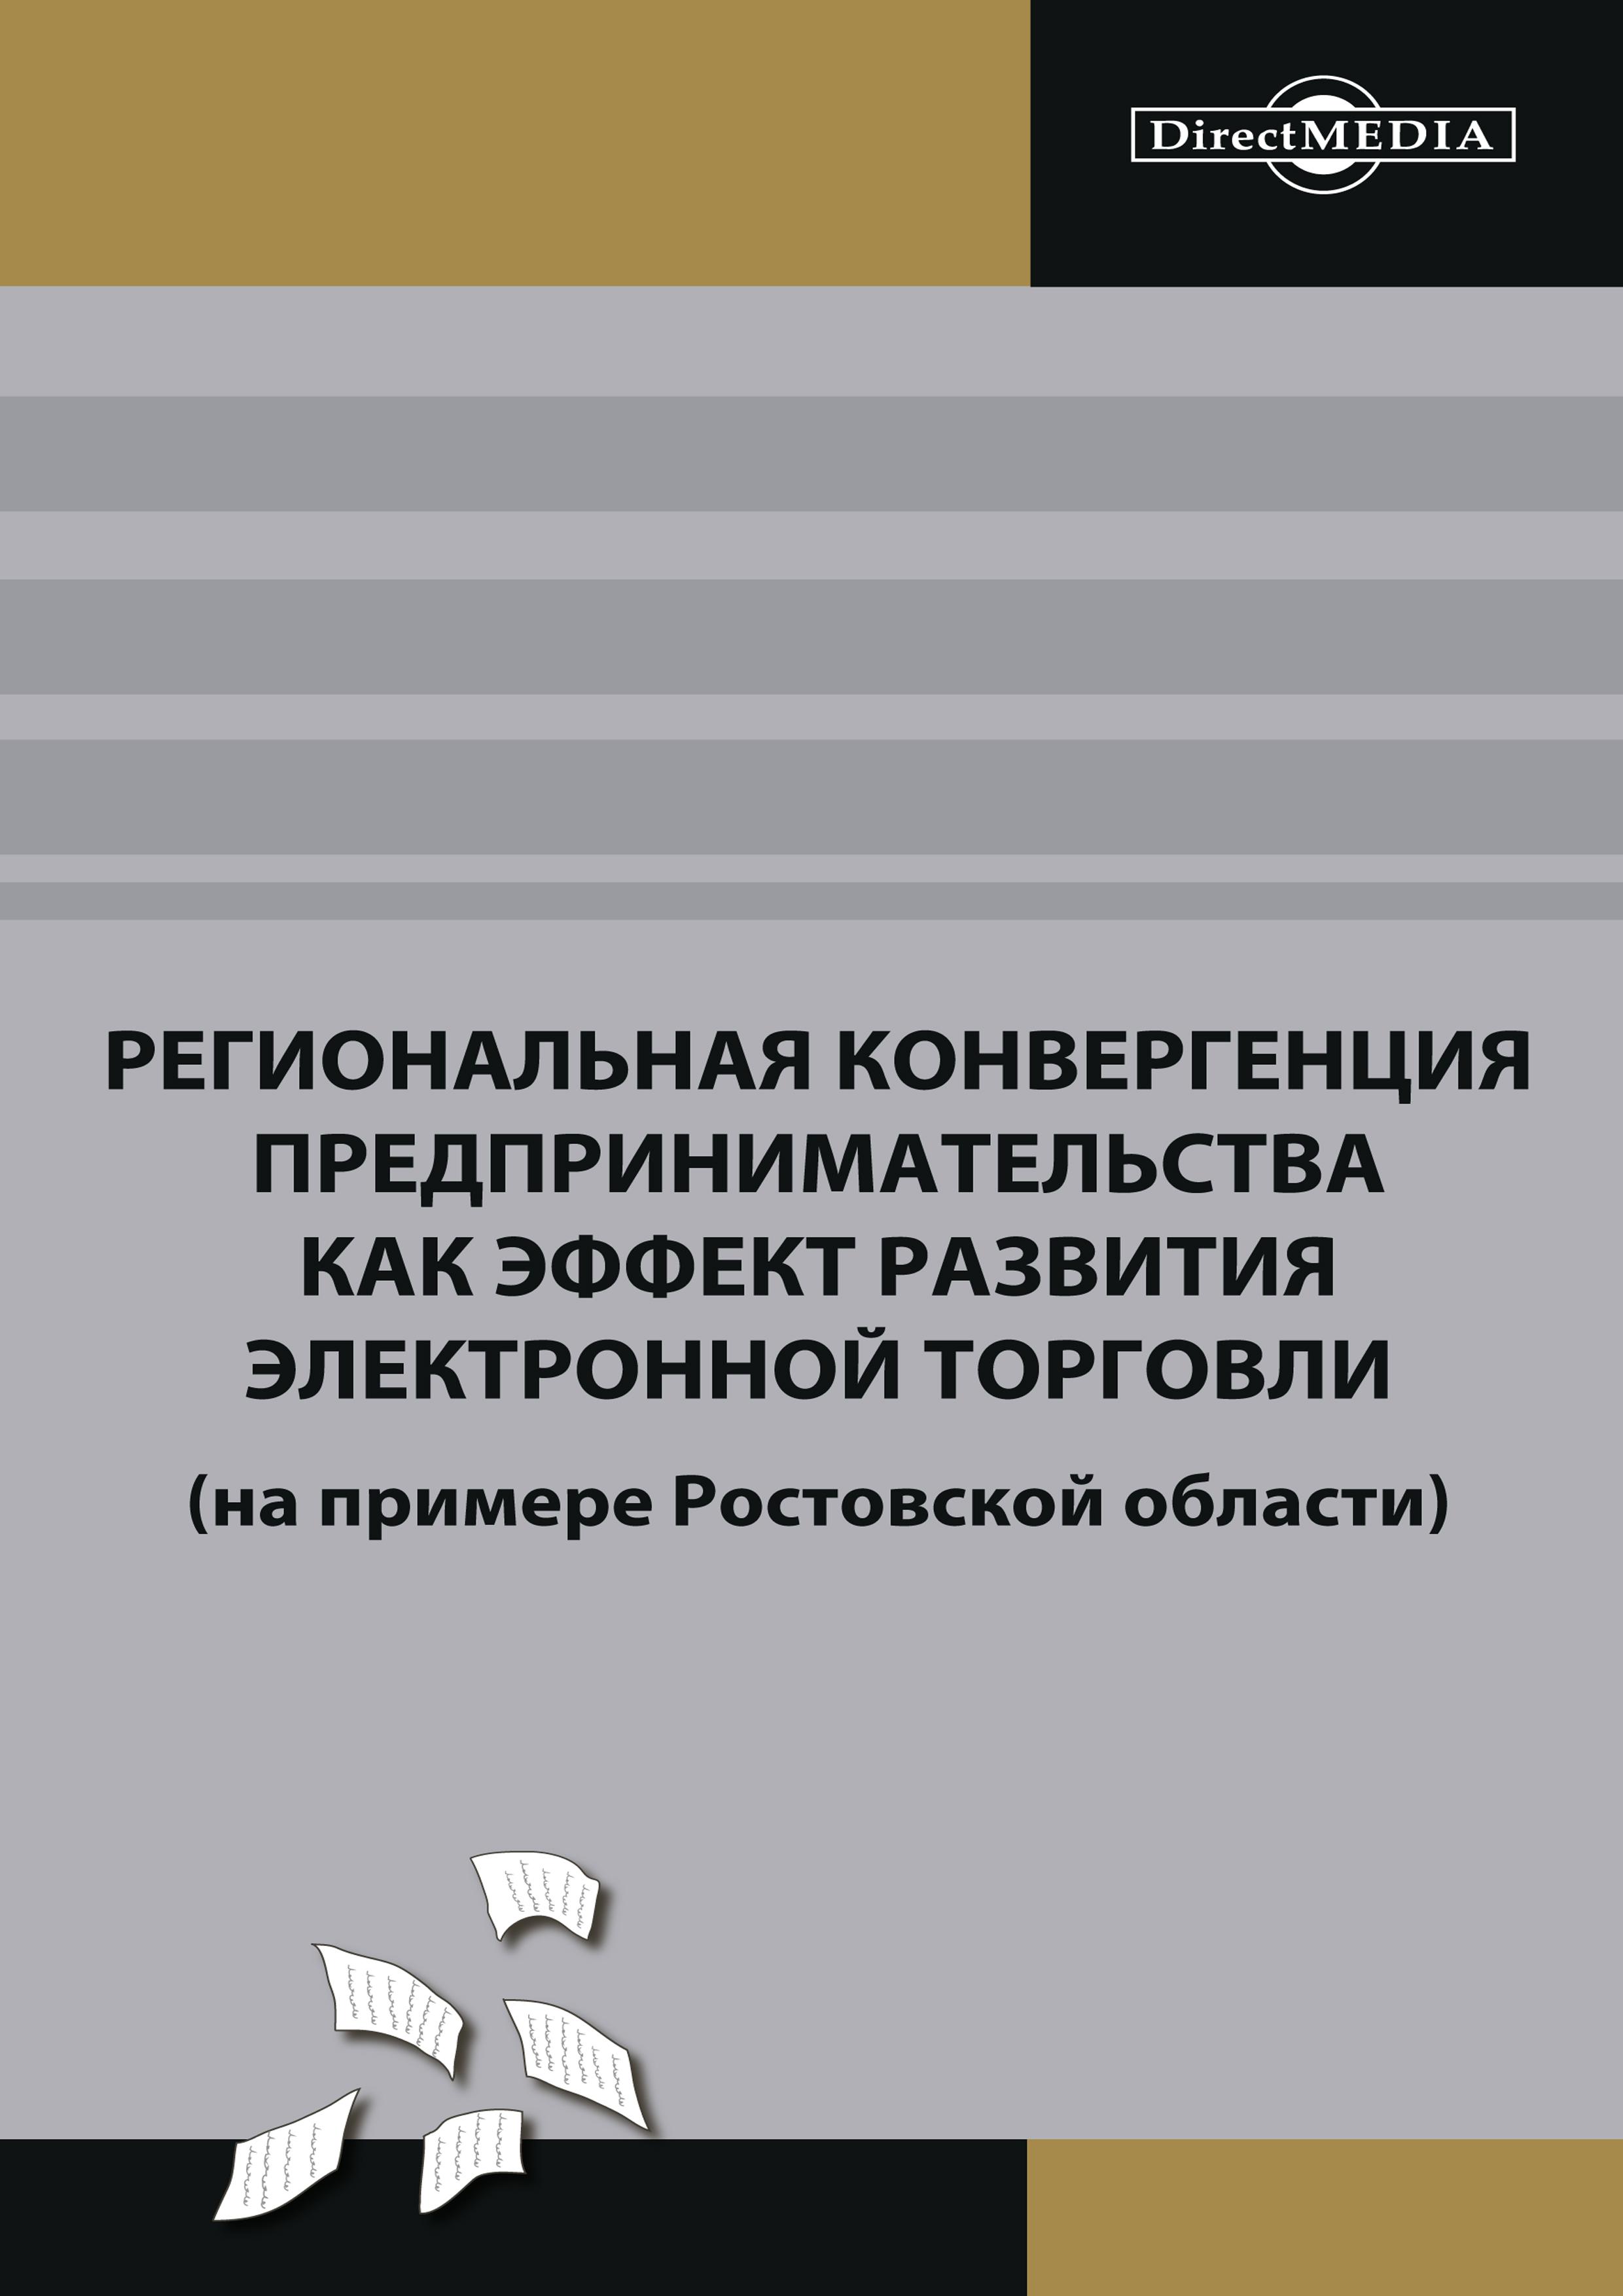 Коллектив авторов Региональная конвергенция предпринимательства как эффект развития электронной торговли (на примере Ростовской области)